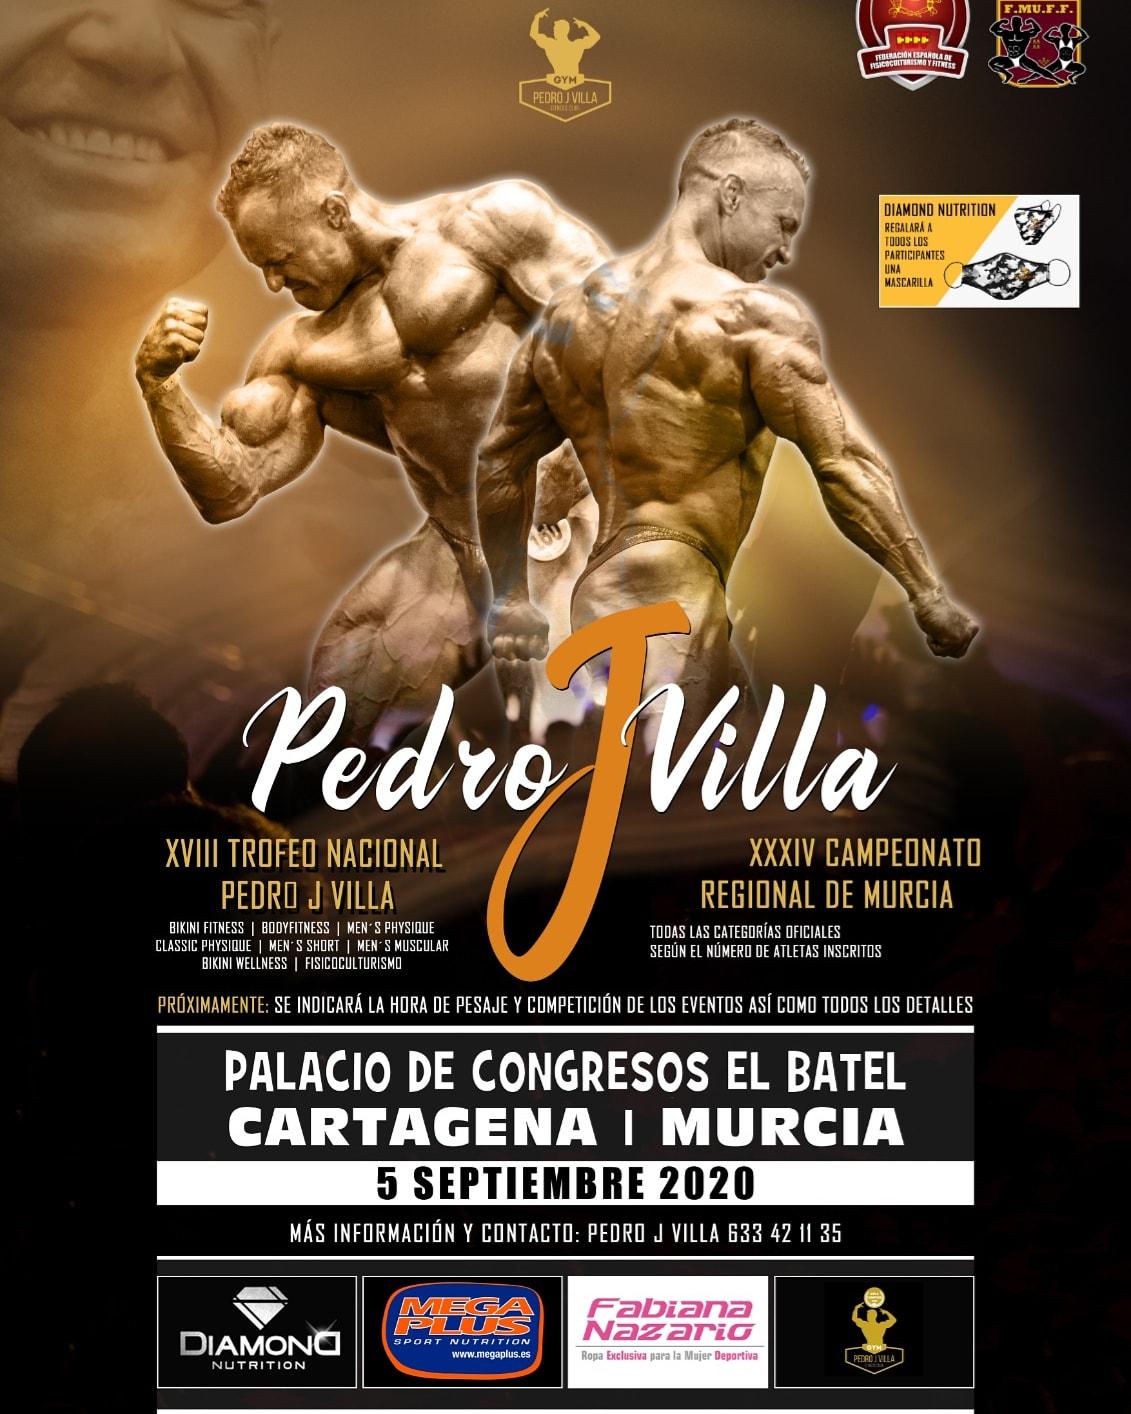 Cto Murcia + Trofeo Nac. Pedro J Villa FEFF 2020